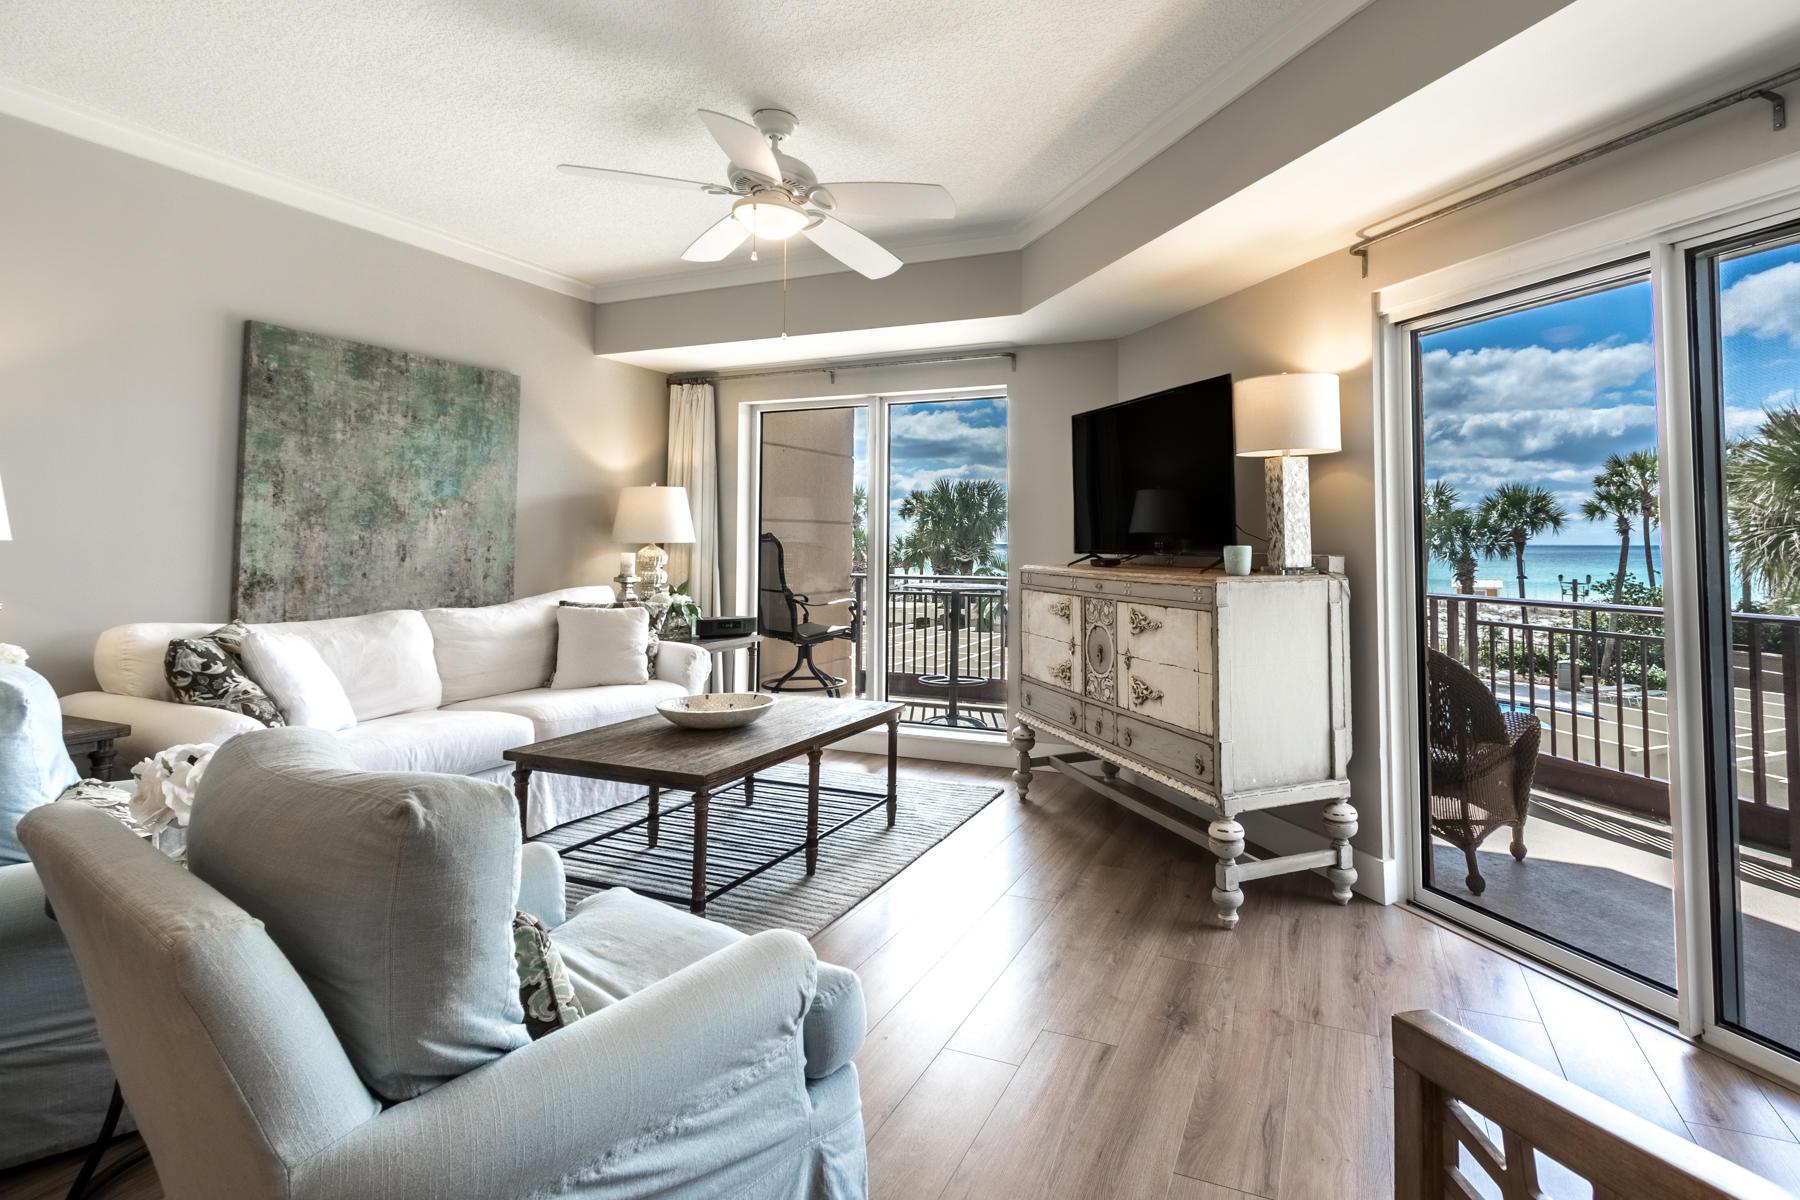 A 3 Bedroom 3 Bedroom Westwinds At Sandestin Condo Condominium